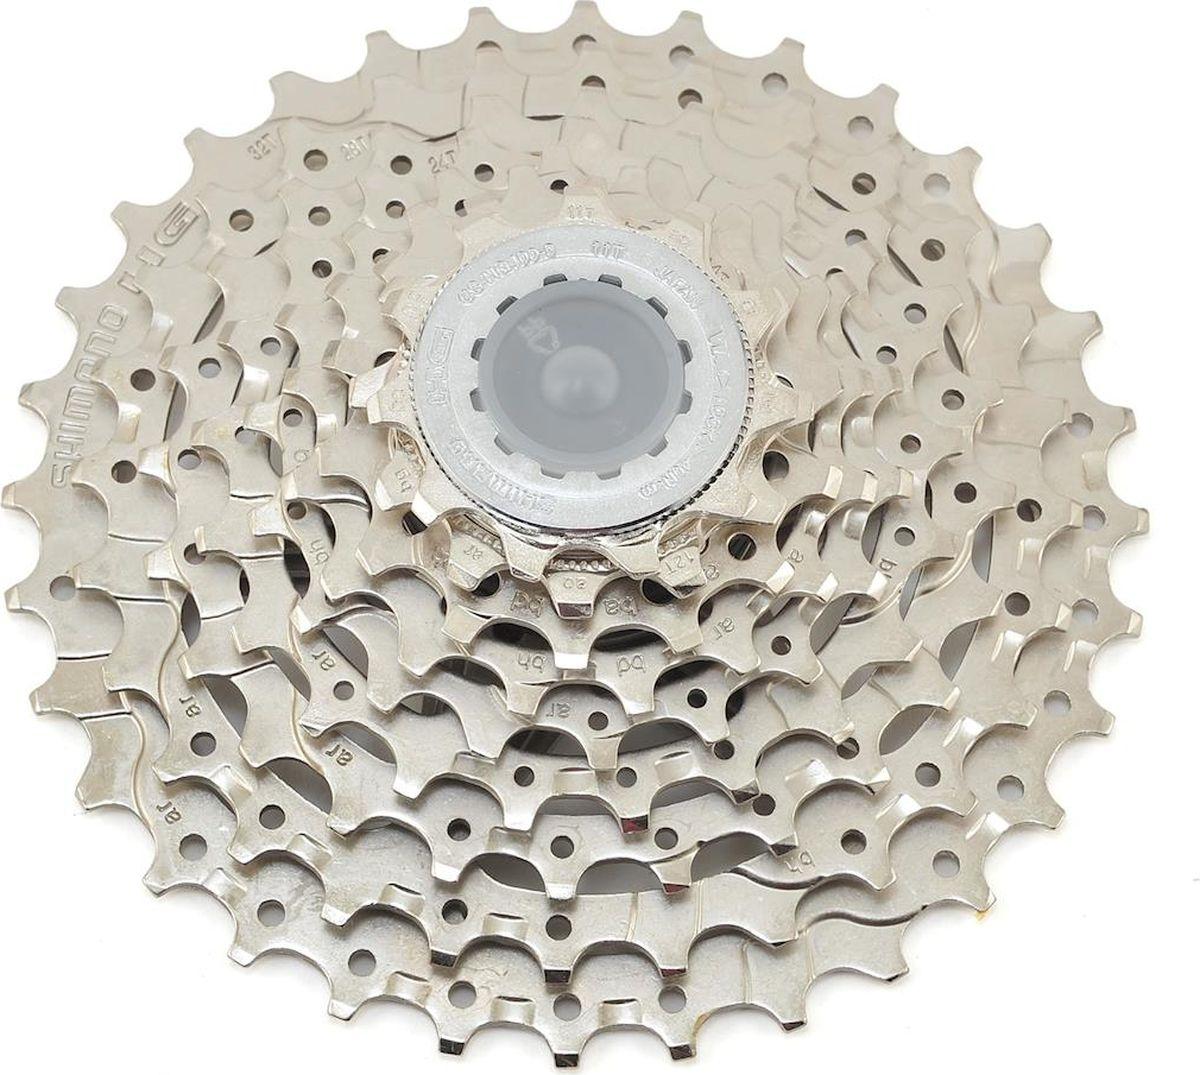 """Кассета Shimano """"HG400"""" обеспечивает четкое и быстрое переключение. Форму зубьев Hyperglide позволяет производить точное переключение скоростей даже под нагрузкой. Звезды просверлены для облегчения веса без потерь в жесткости. Подходит для велосипедов с диаметром колес 26""""/27,5""""/29""""."""